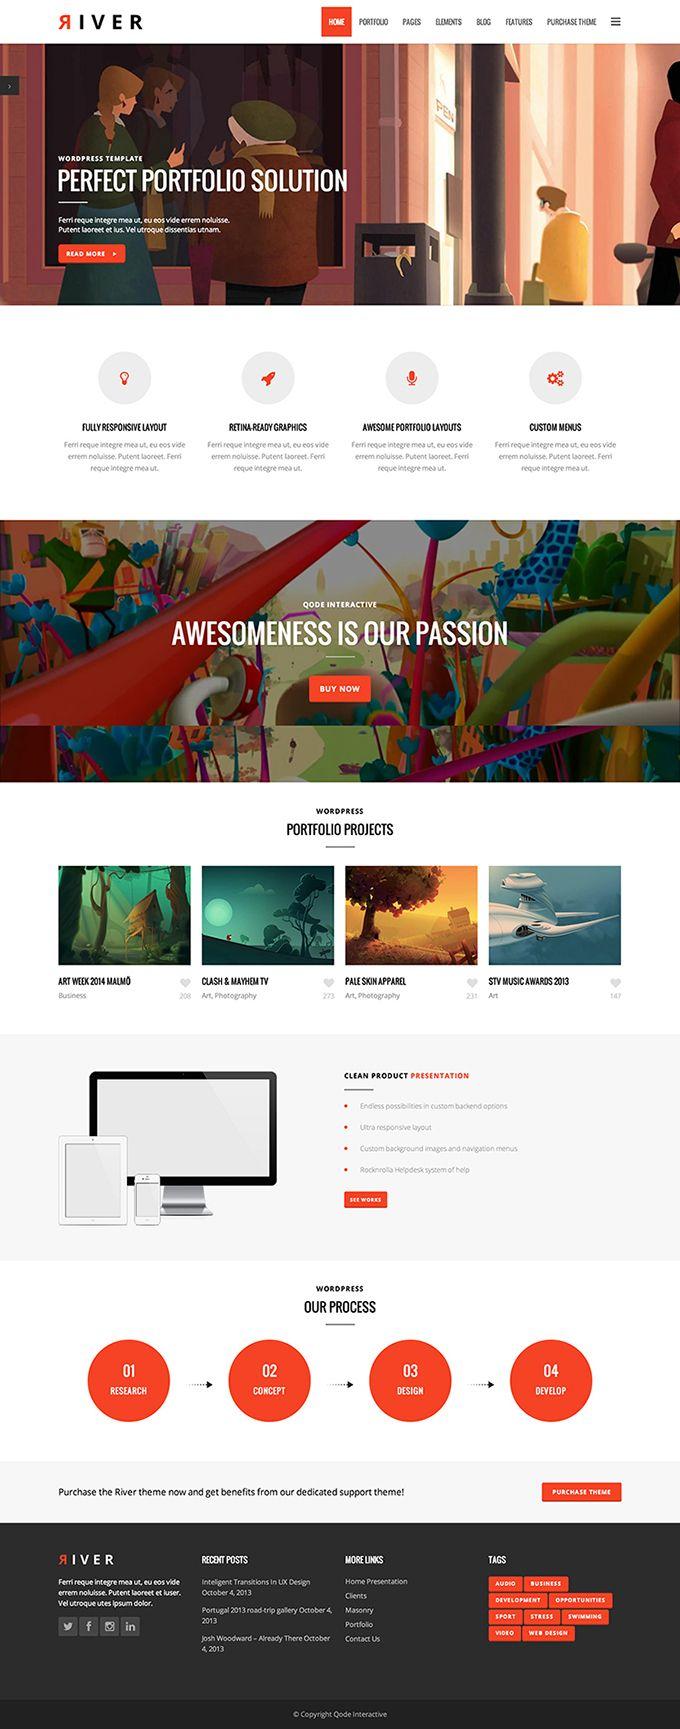 River - a multi purpose theme for WordPress